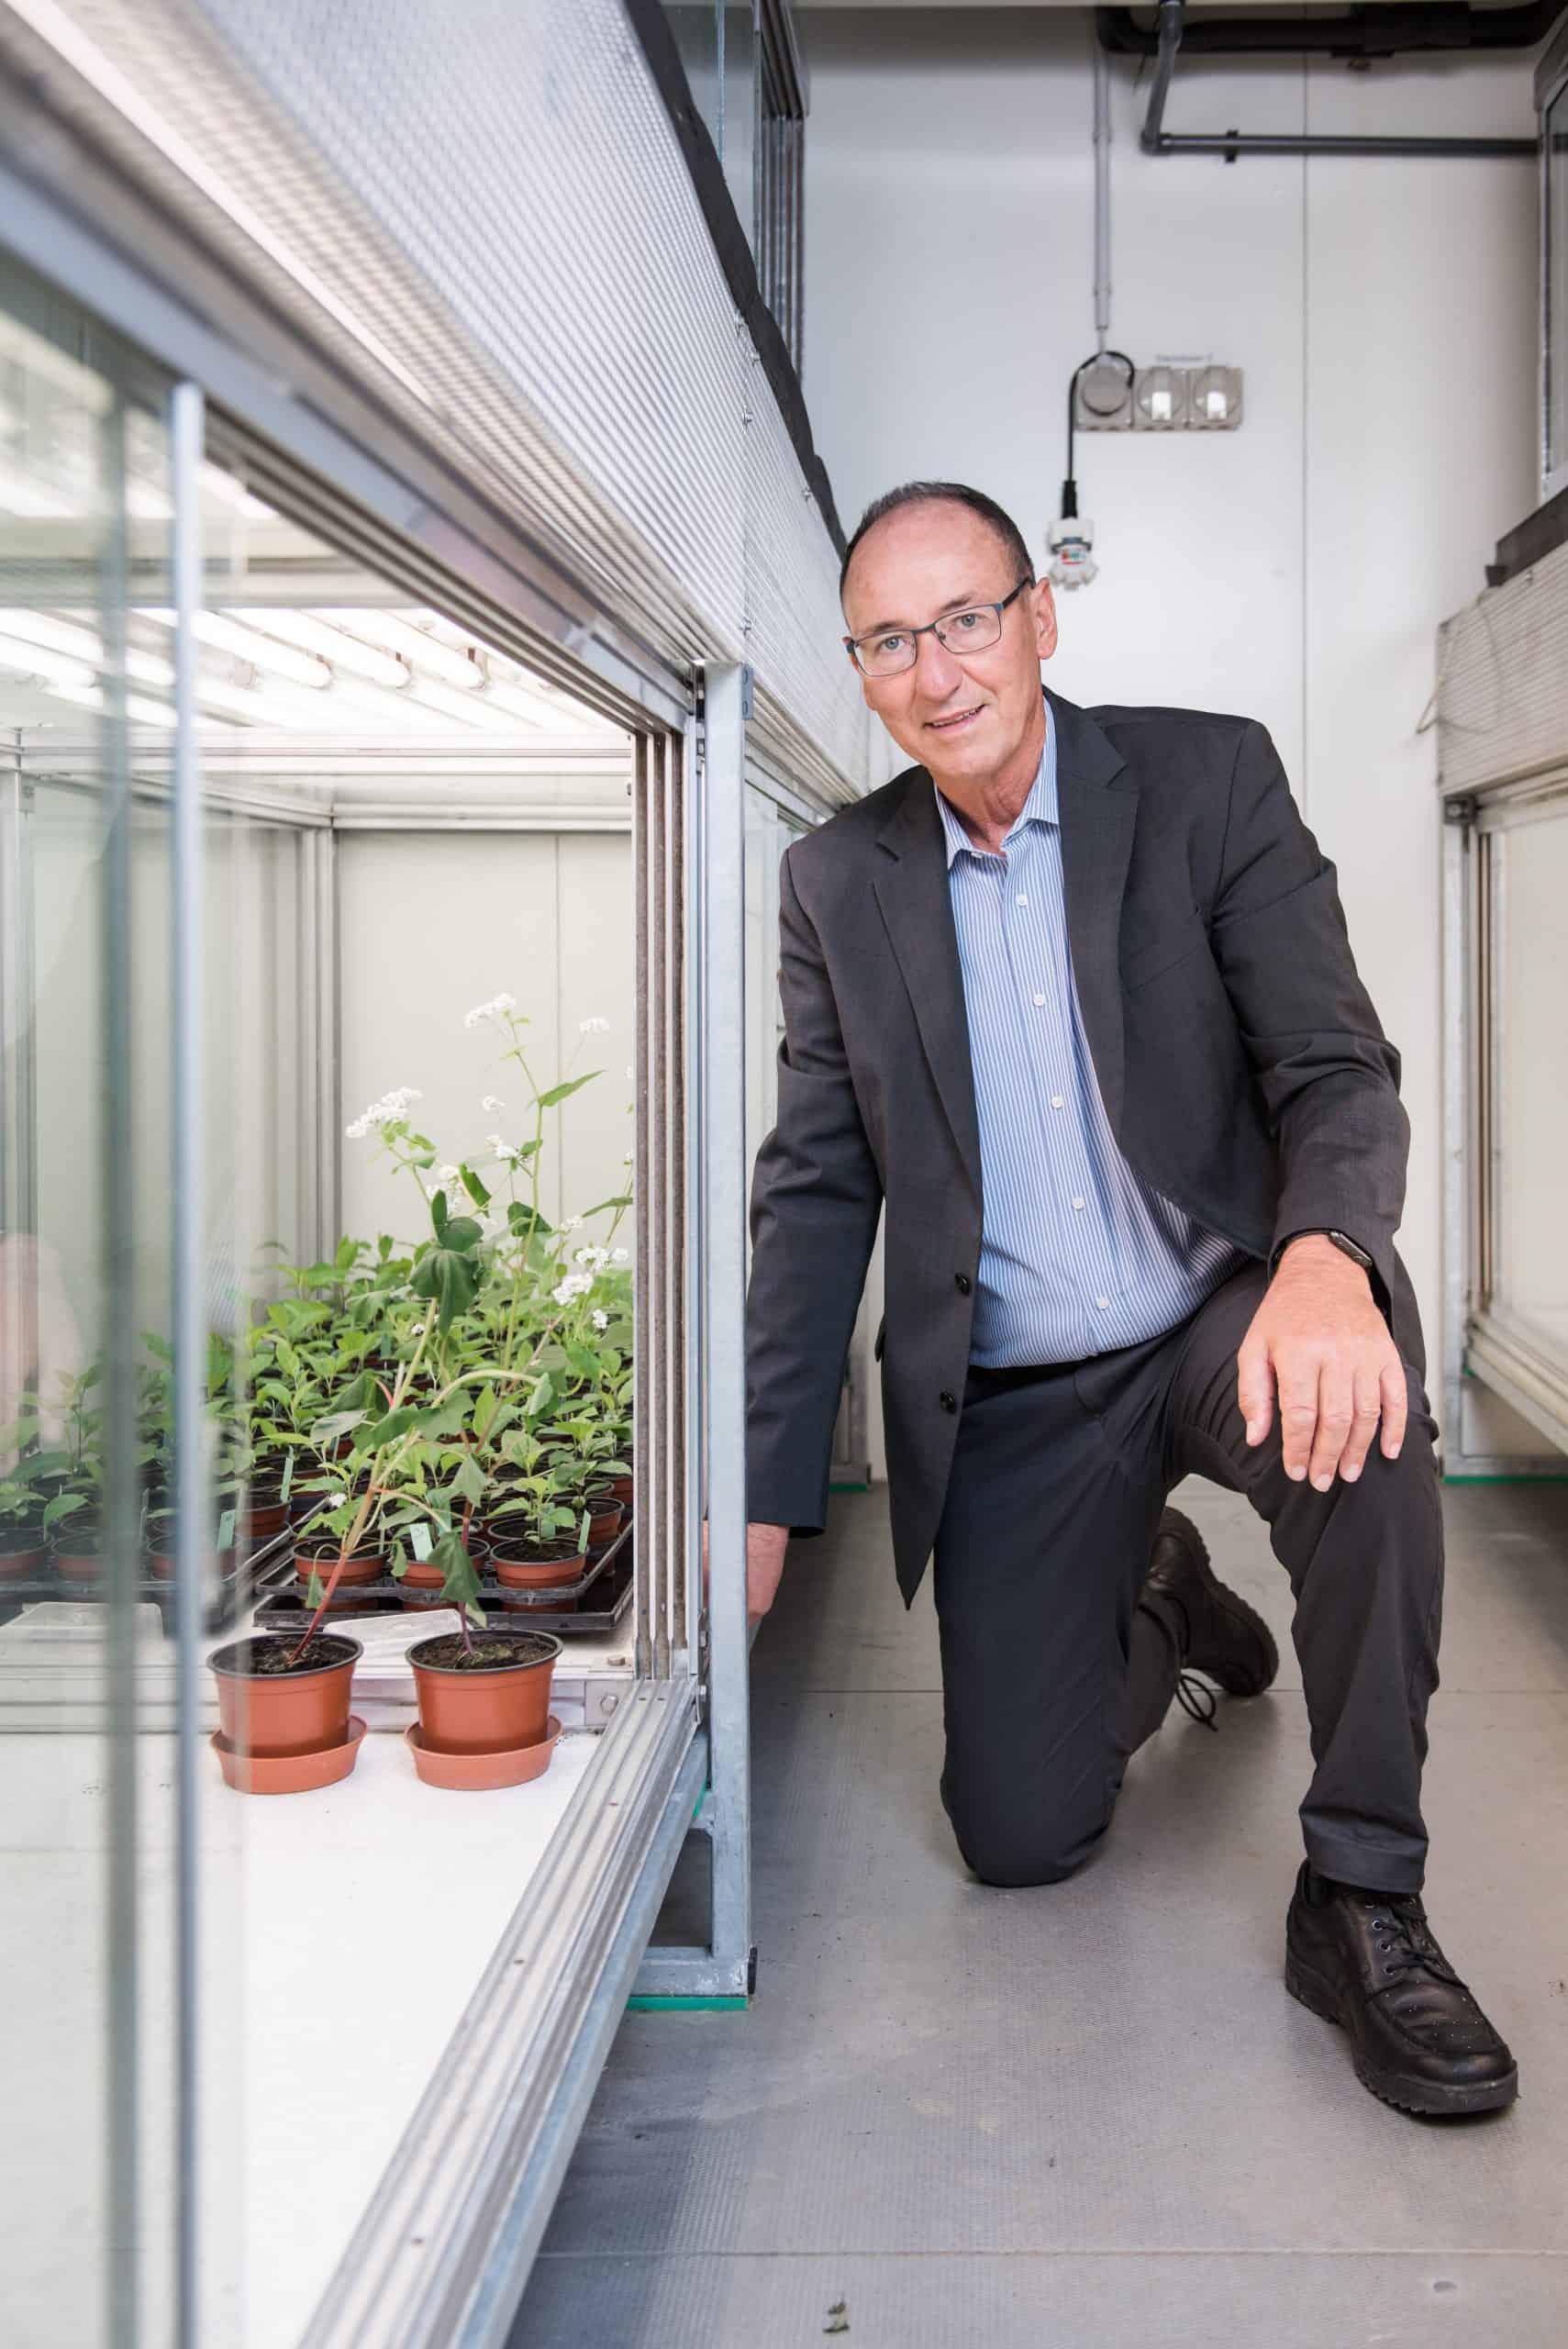 Urs Niggli vor der Klimakammer mit Weizenpflanzen